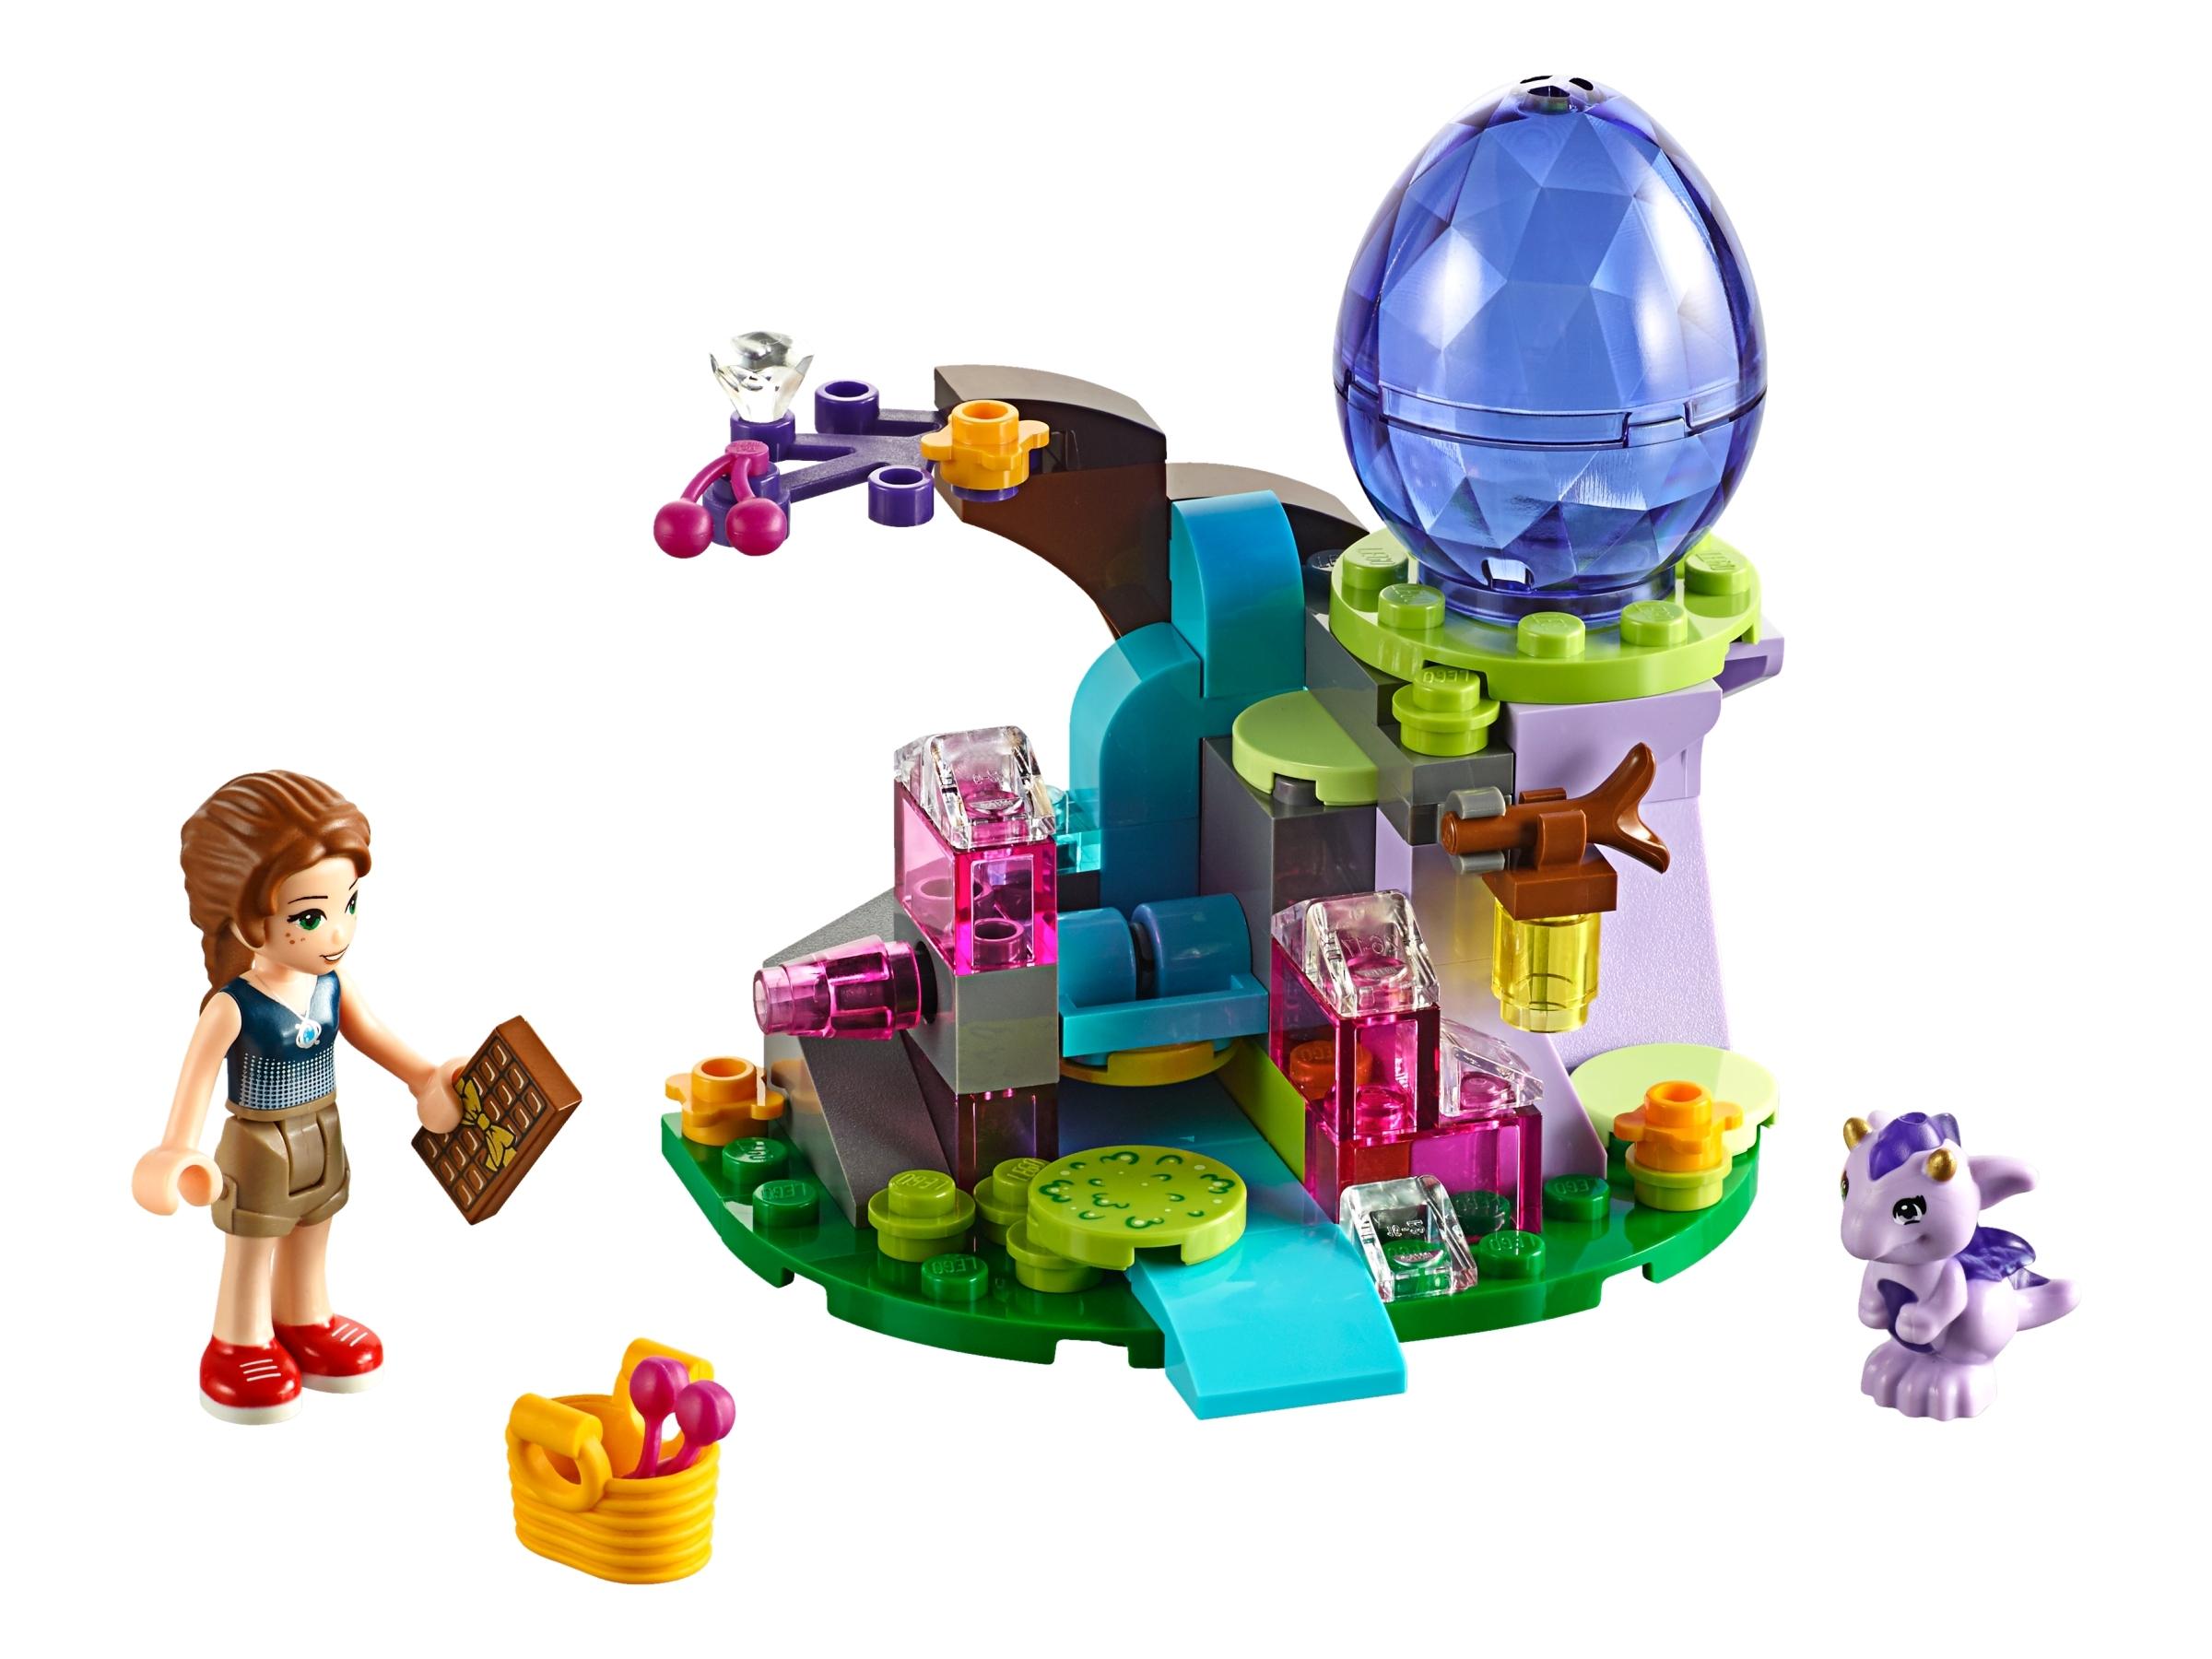 Babydrachen mit Ei sehr selten Lego Elves 26090pb06 aus 41180